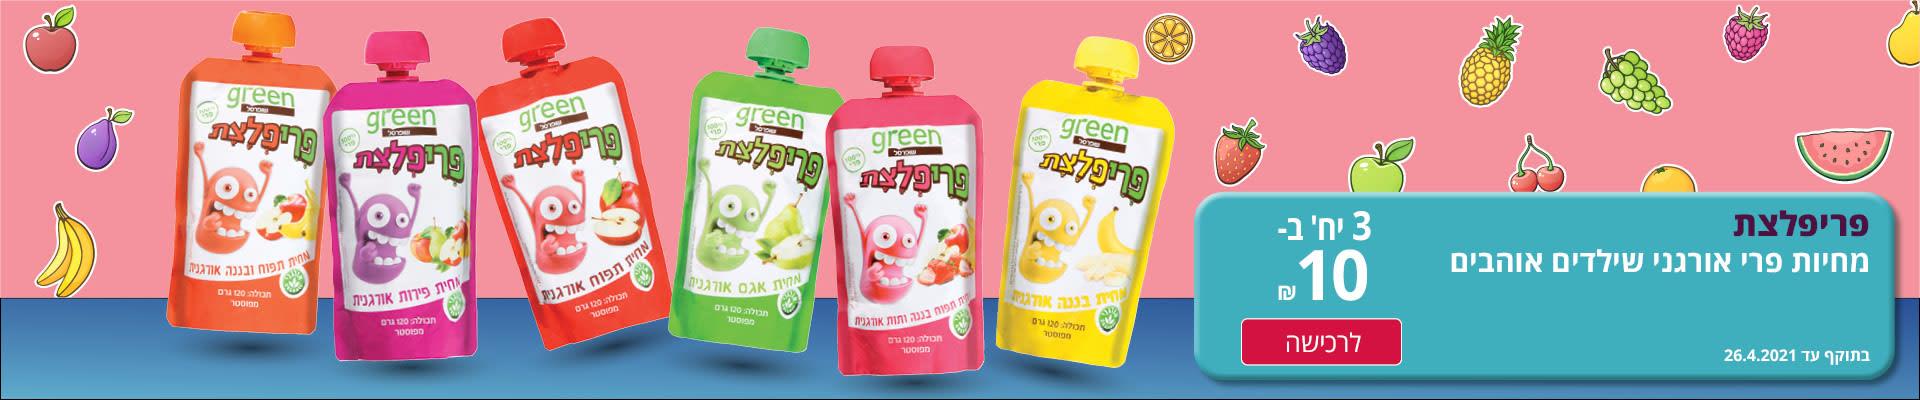 פריפלצת מחיות פרי אורגני שילדים אוהבים 3 יח' ב- 10 ₪ לכישה בתוקף עד 26.4.2021